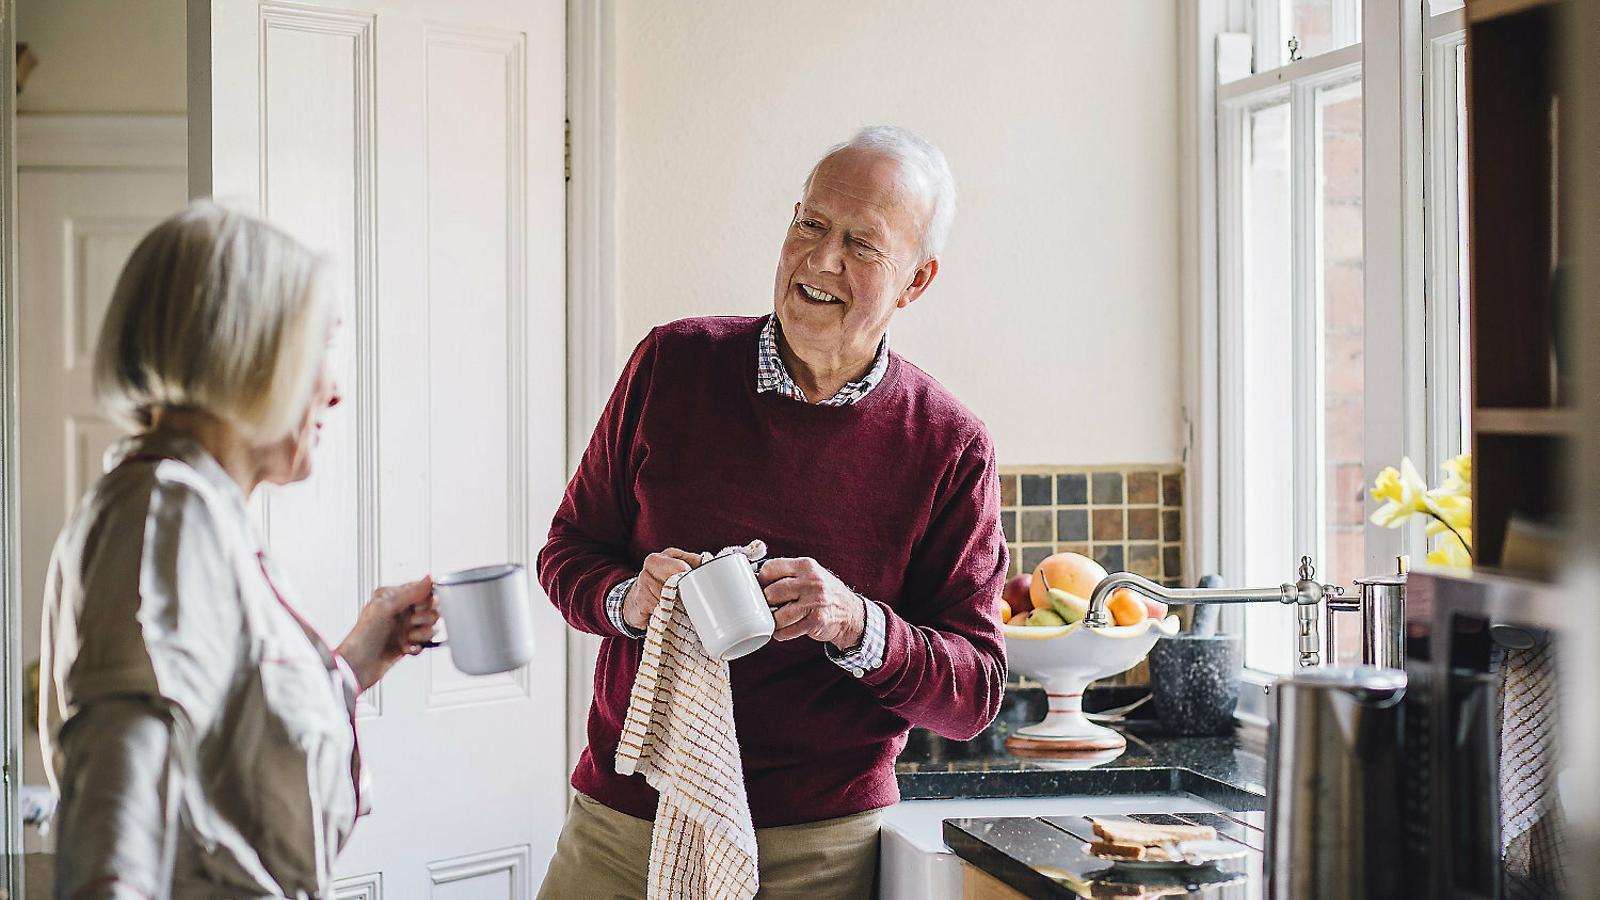 L'acomiadament de sèniors qüestiona l'allargament de l'edat de jubilació